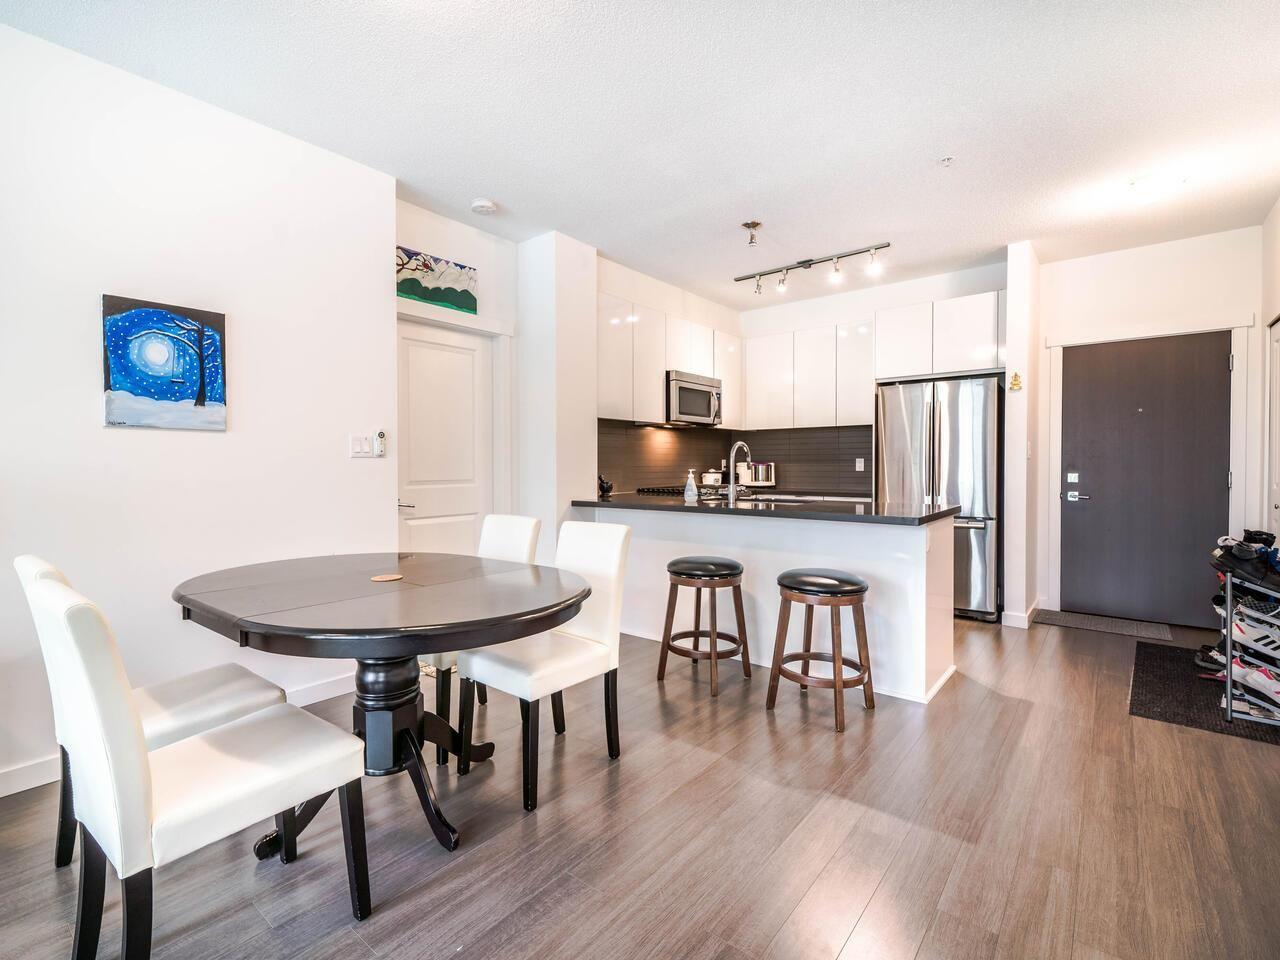 """Photo 8: Photos: 211 15168 33 Avenue in Surrey: Morgan Creek Condo for sale in """"ELGIN HOUSE"""" (South Surrey White Rock)  : MLS®# R2501383"""